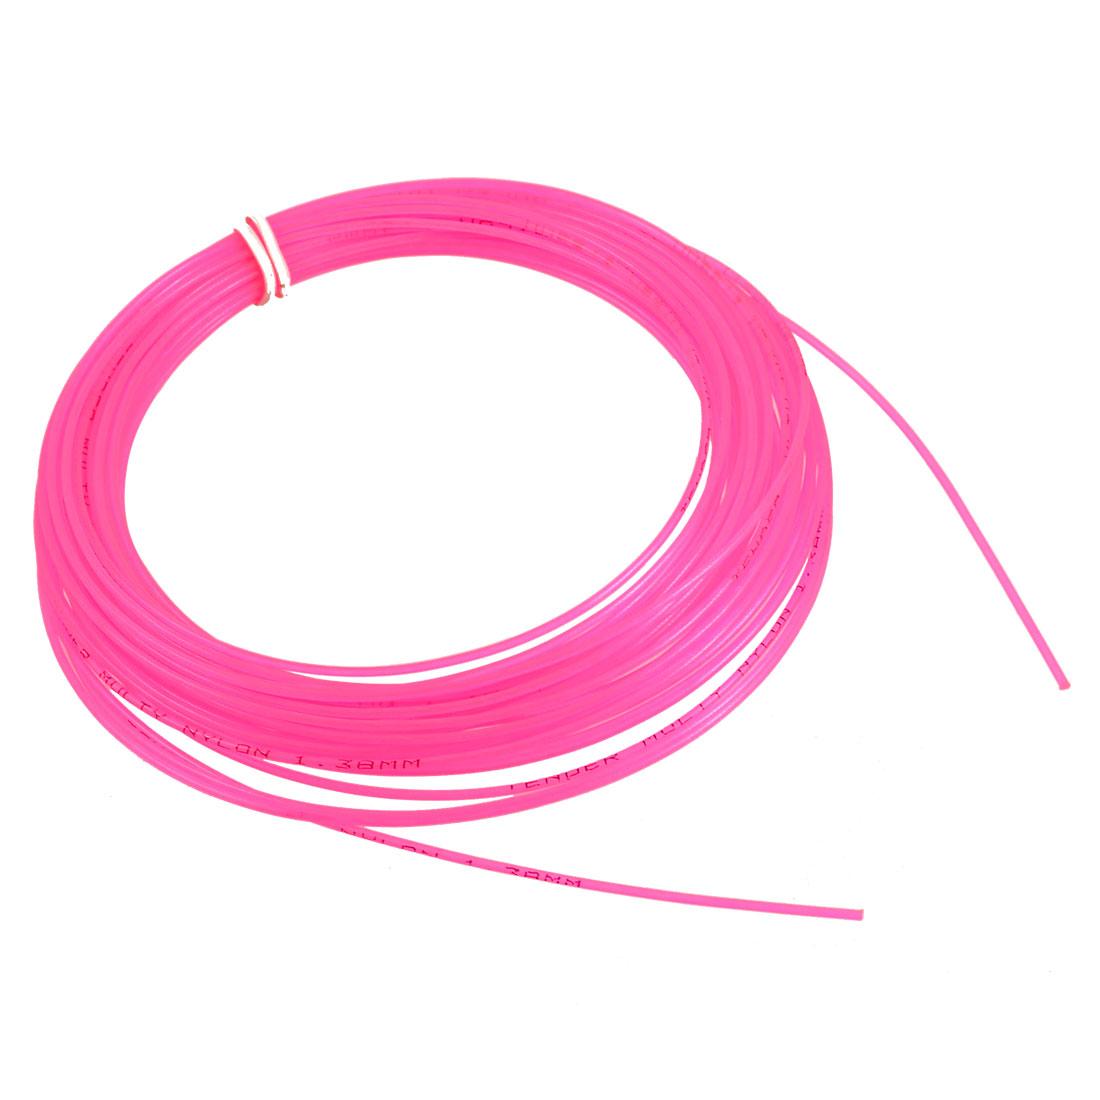 1.4mm Gauge 12m 39.4Ft Length Pink Tennis Racket String Line